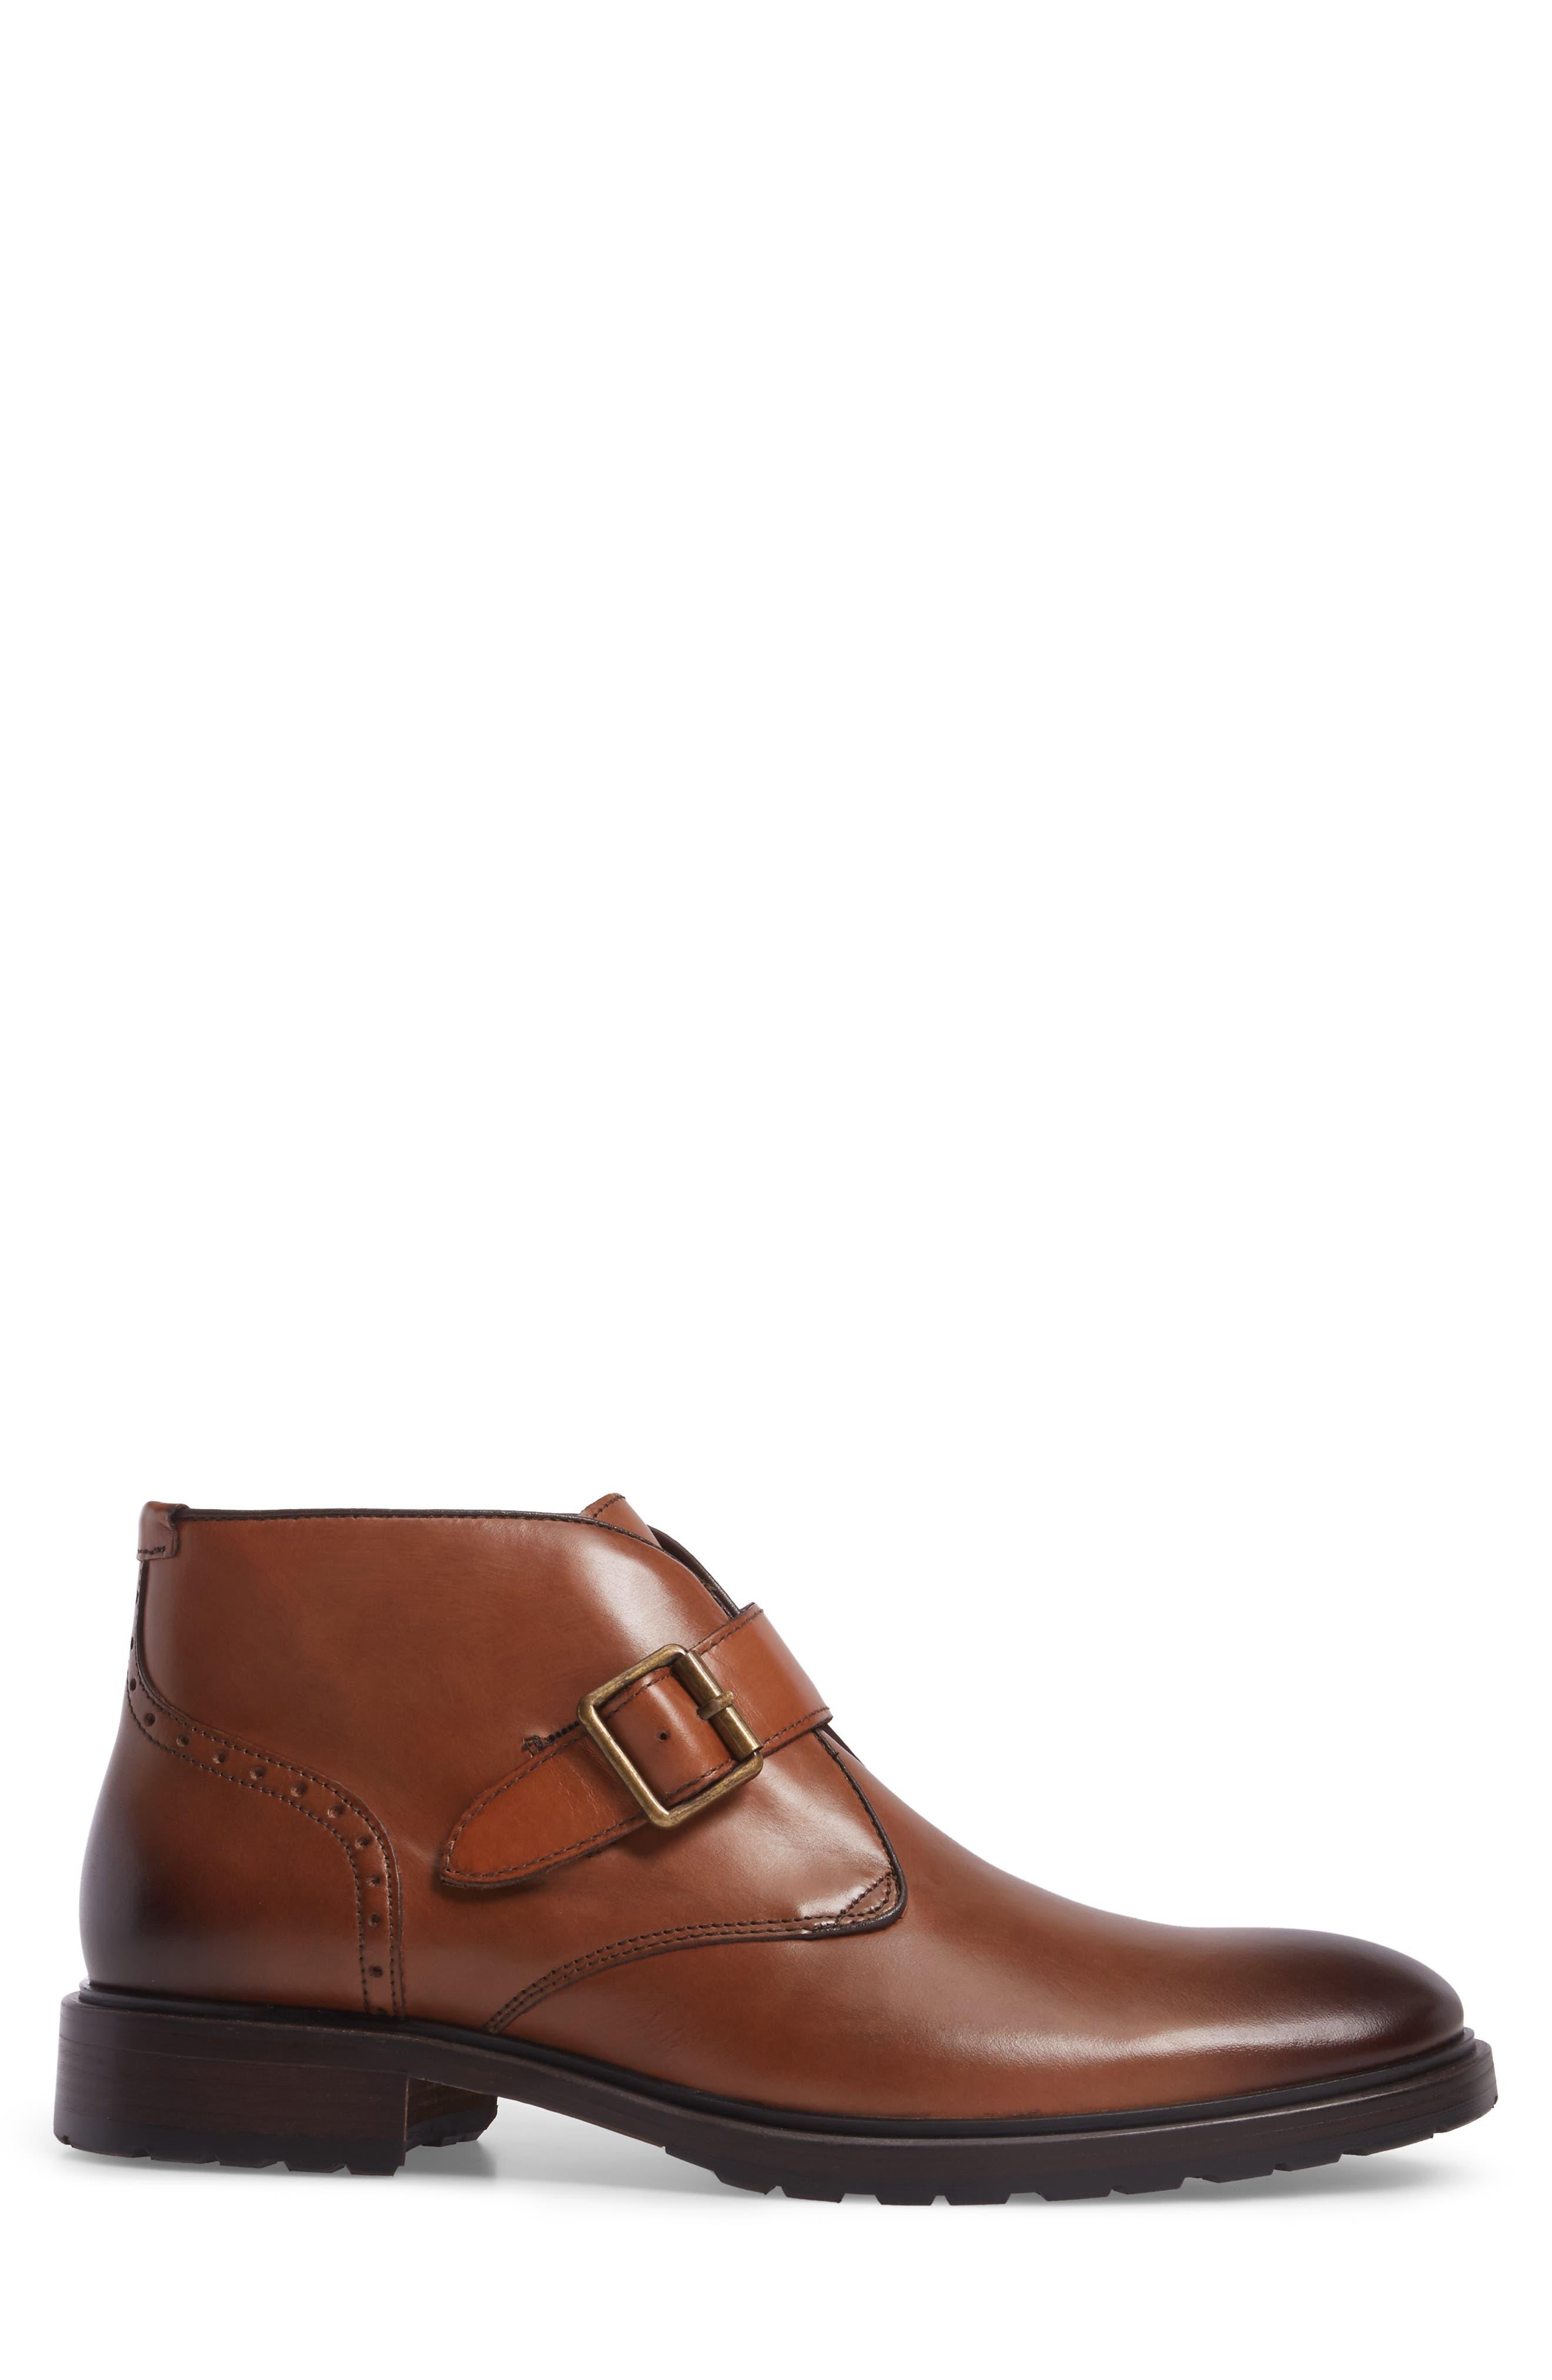 Myles Monk Strap Boot,                             Alternate thumbnail 3, color,                             Cognac Leather